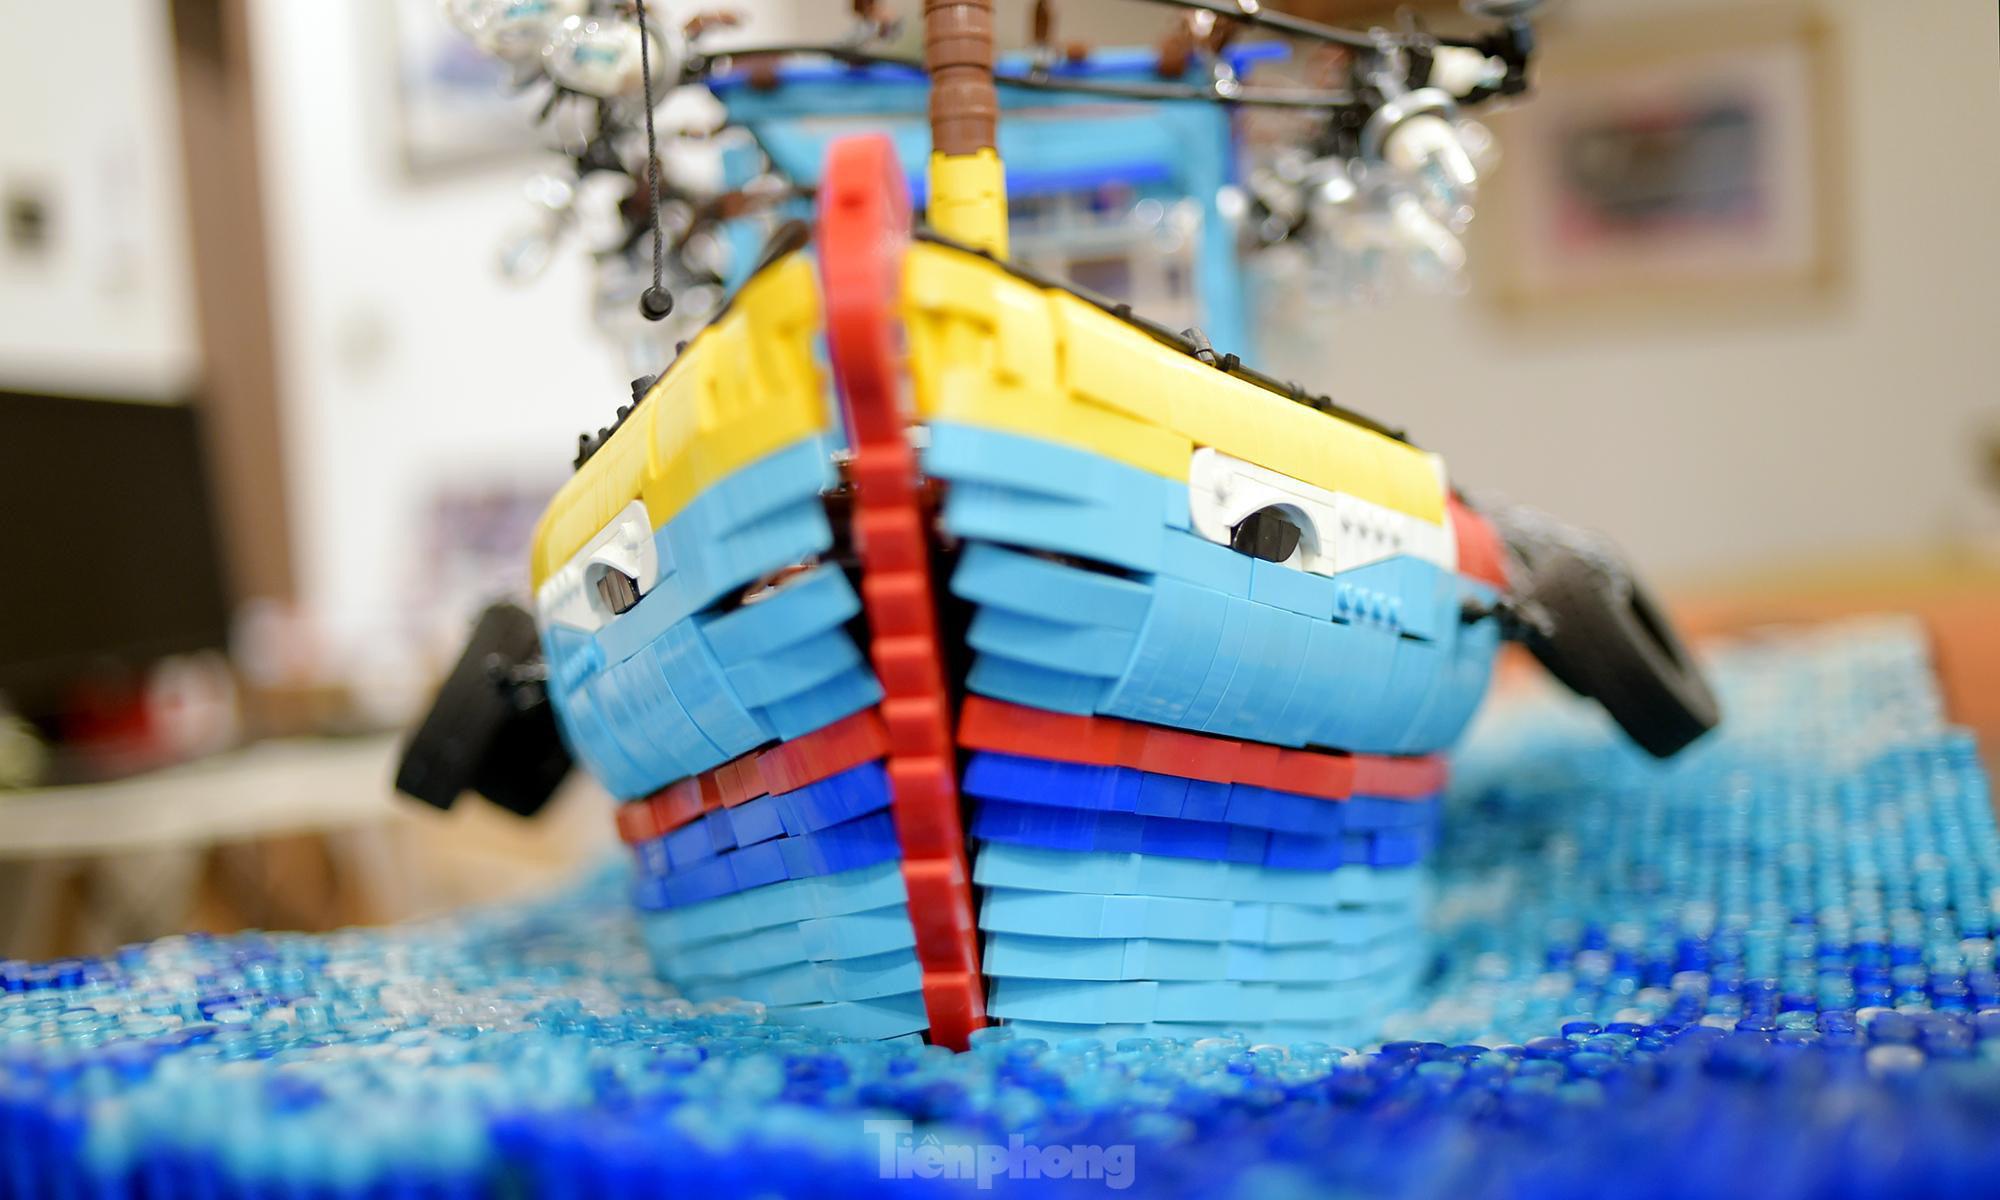 """Chàng trai Việt """"đóng"""" tàu Hoàng Sa, Trường Sa từ mô hình Lego, tri ân ngư dân bám biển - Ảnh 5."""